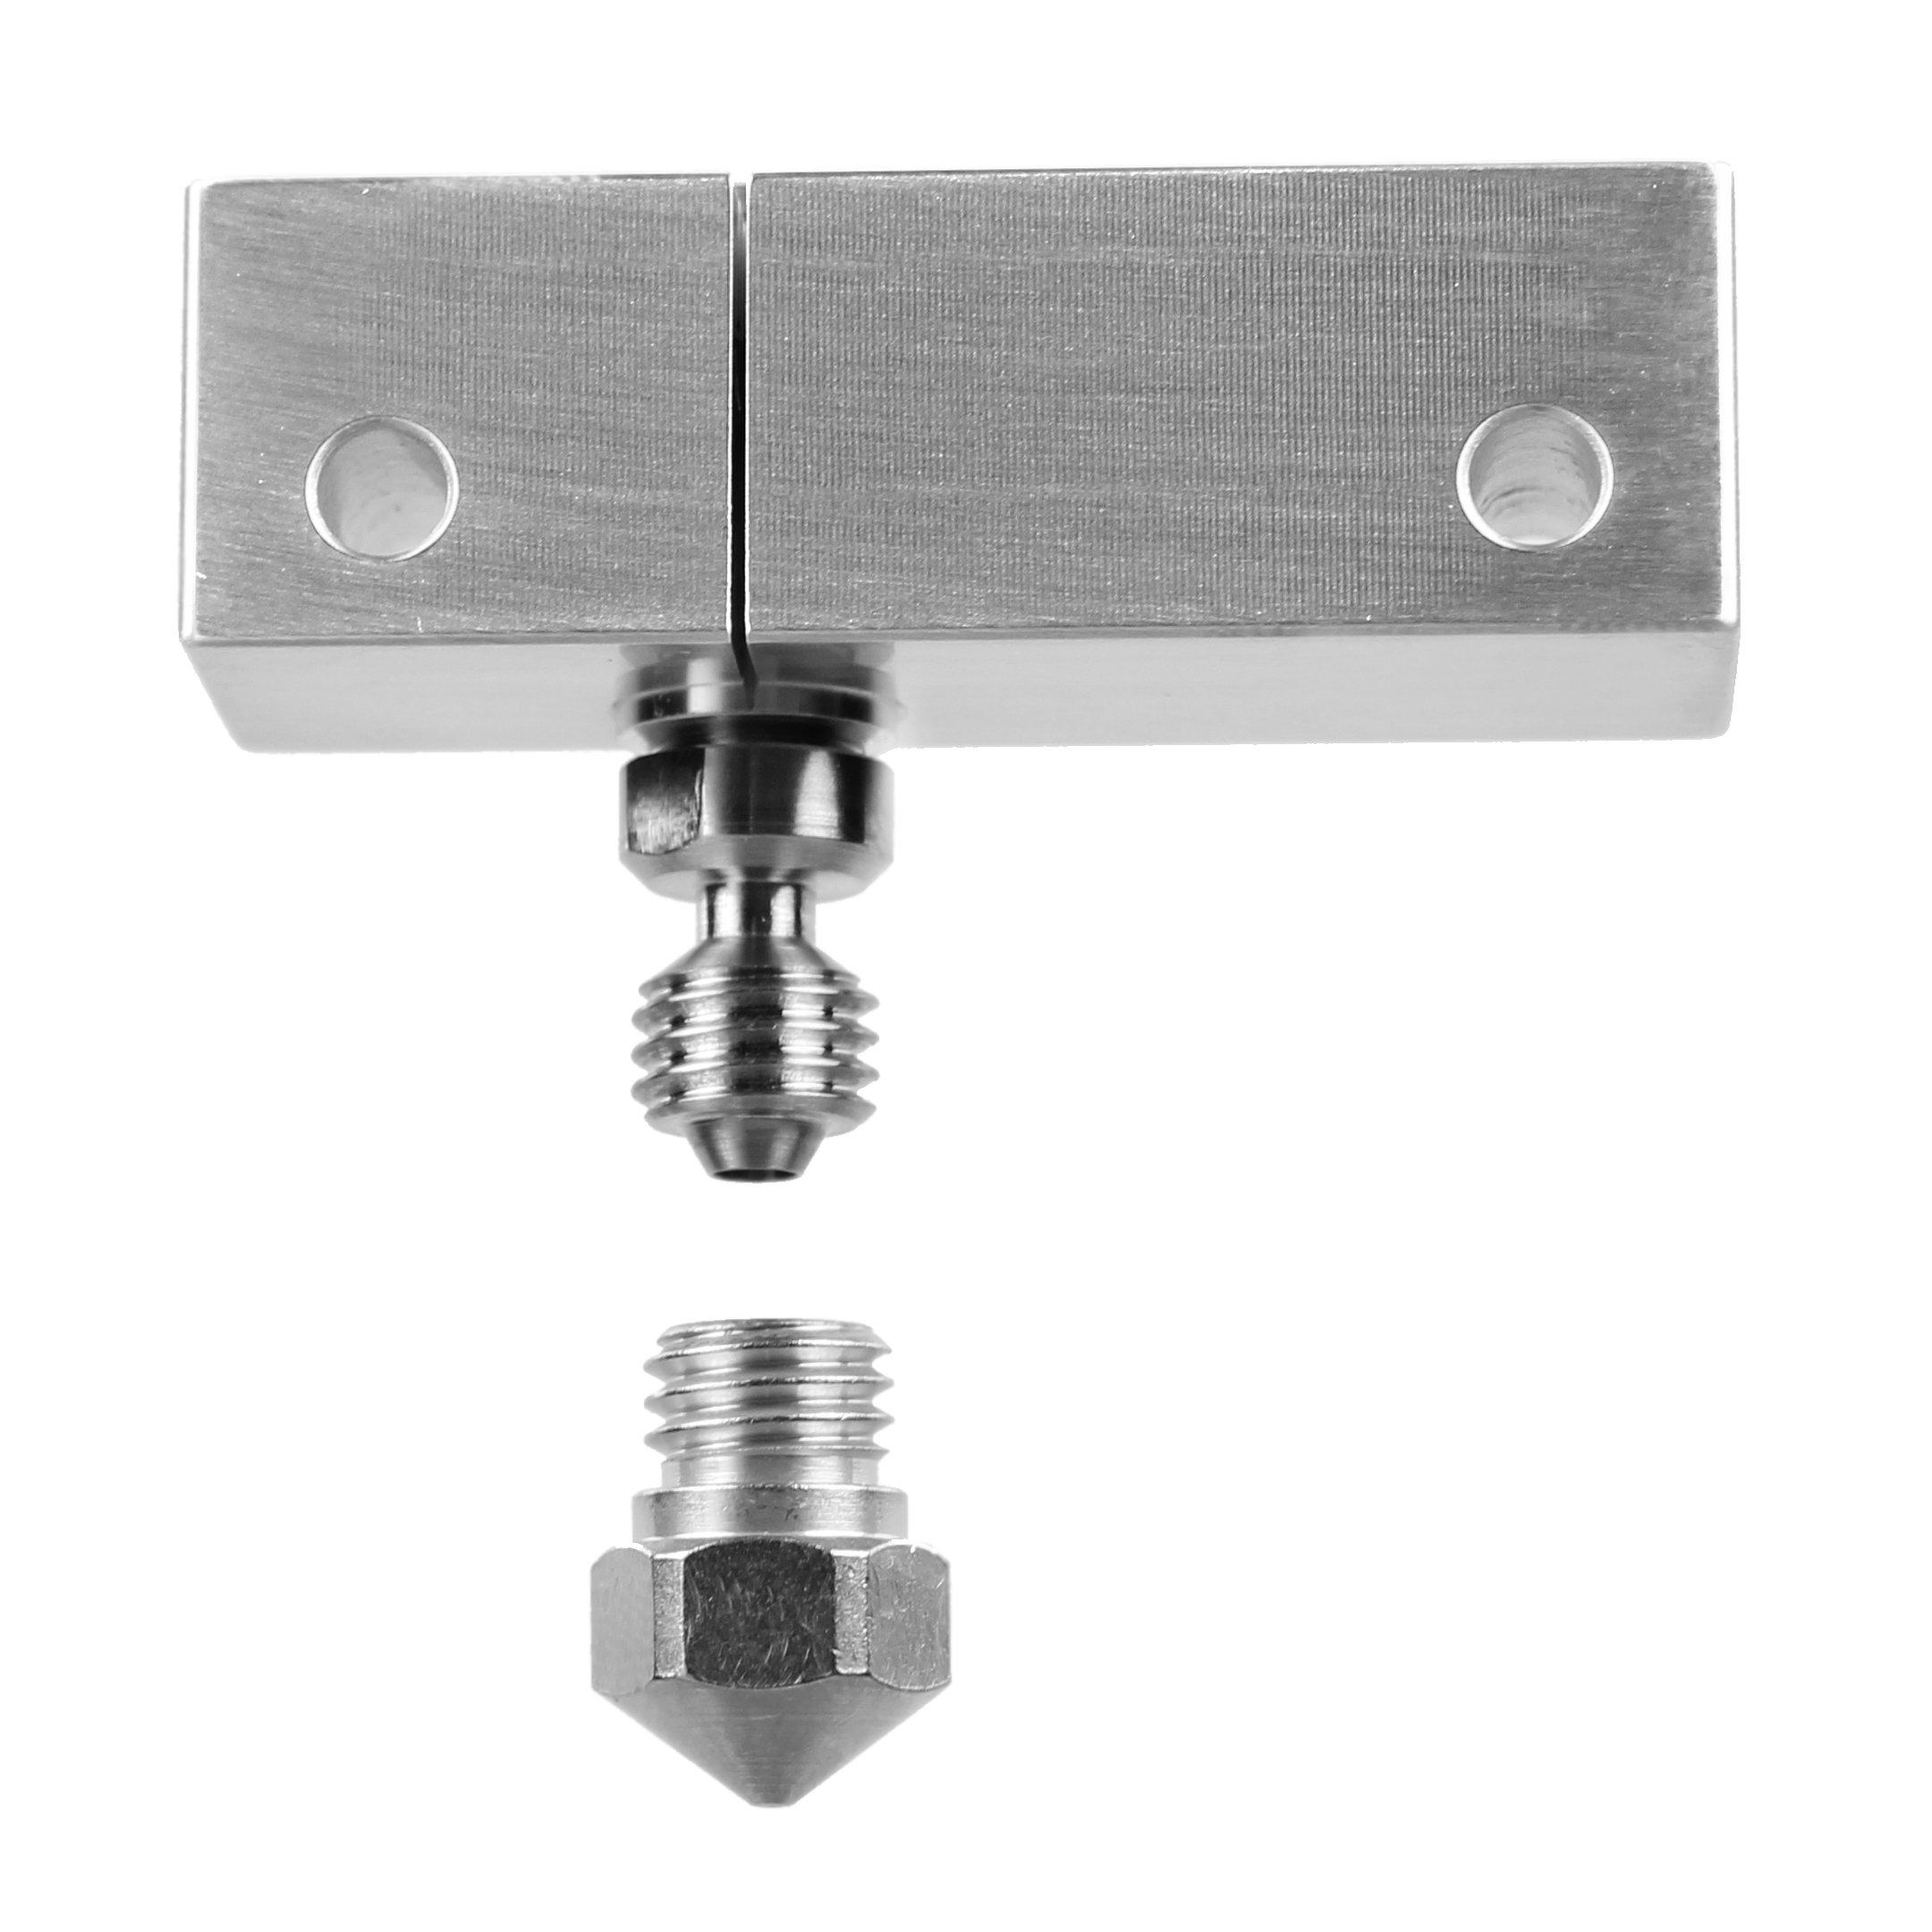 Micro Swiss All Metal Hotend con bloque de enfriamiento ranu